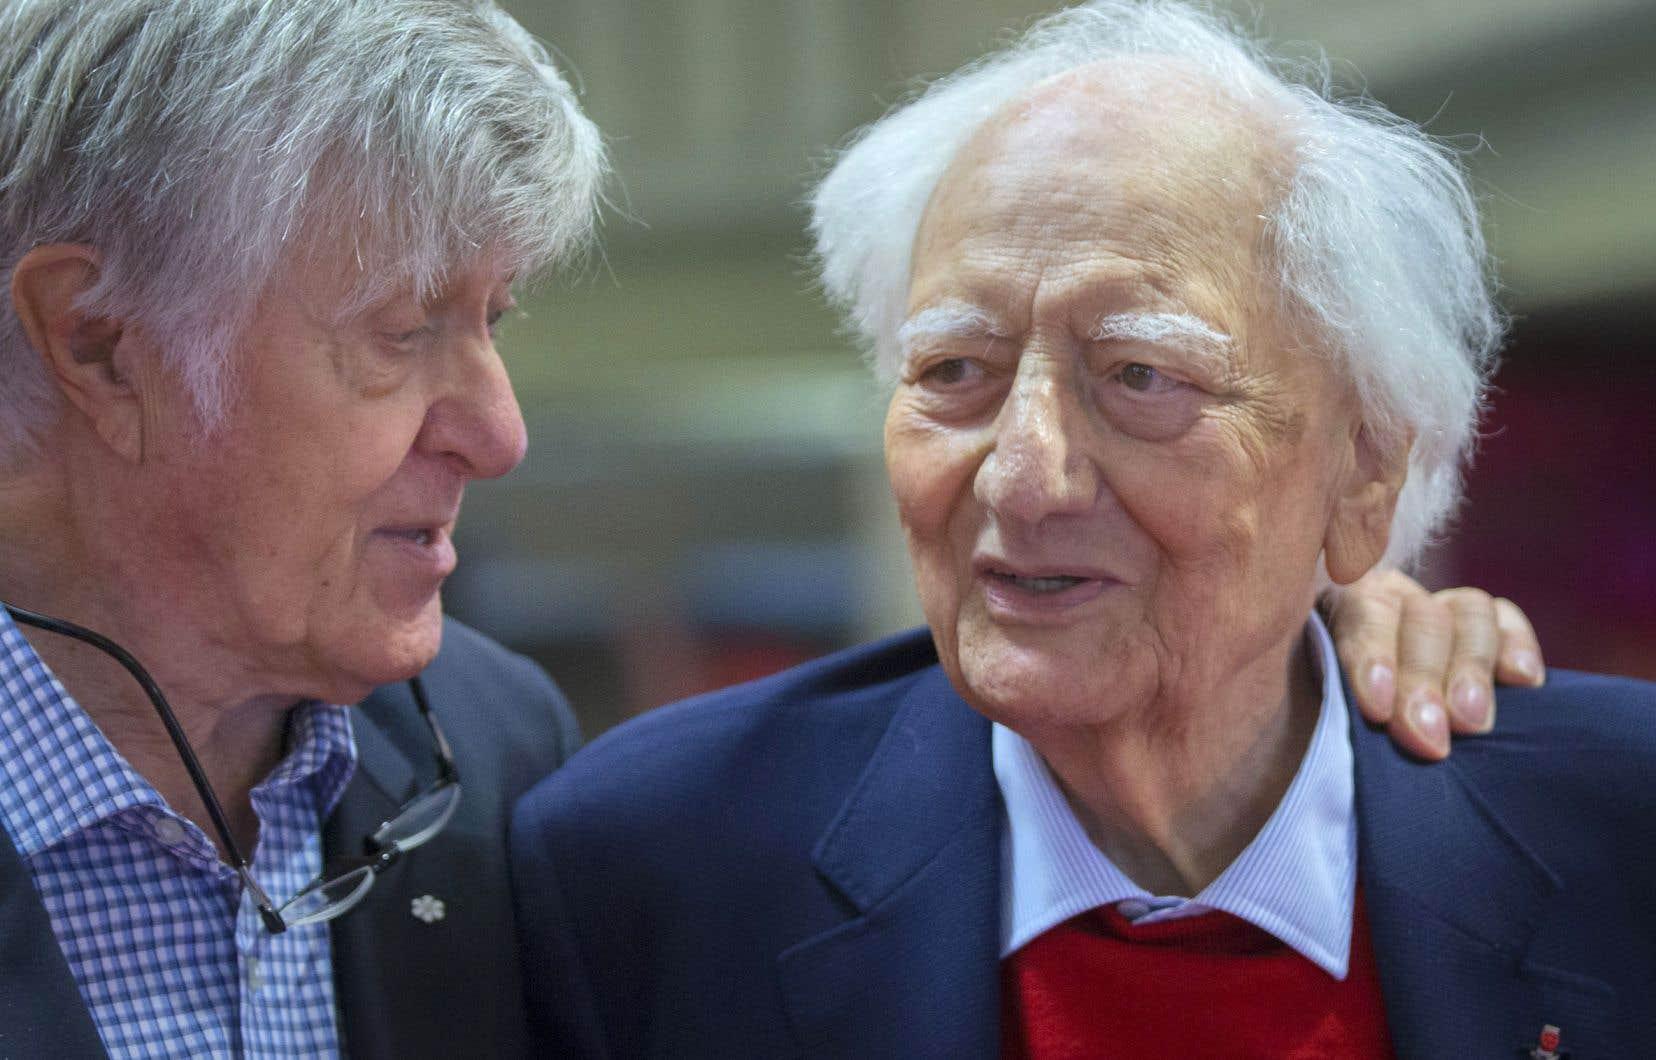 C'est en 2000 qu'Alain Stanké (à gauche) a connu Roger Taillibert, au moment de publier son livre «Notre cher Stade olympique. Lettres posthumes à mon ami Drapeau», sous la forme de lettres adressées au défunt maire montréalais.